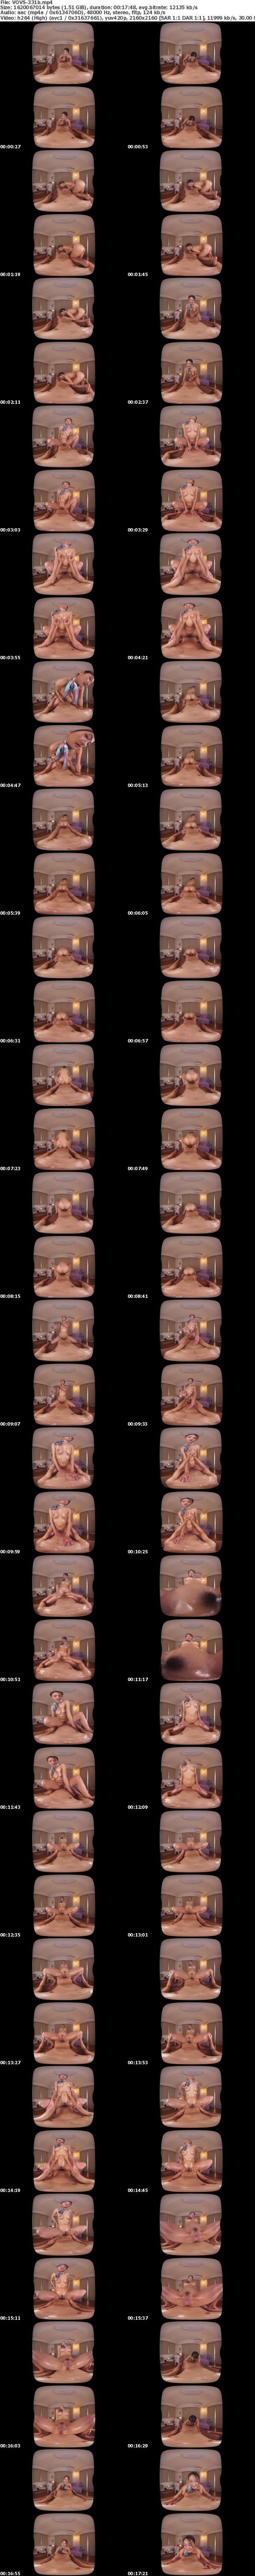 VR/3D [VOVS-331] 【VR】長尺41分・高画質 オイルエステ ベテランの魅せる極上テクニック 滝本エレナ